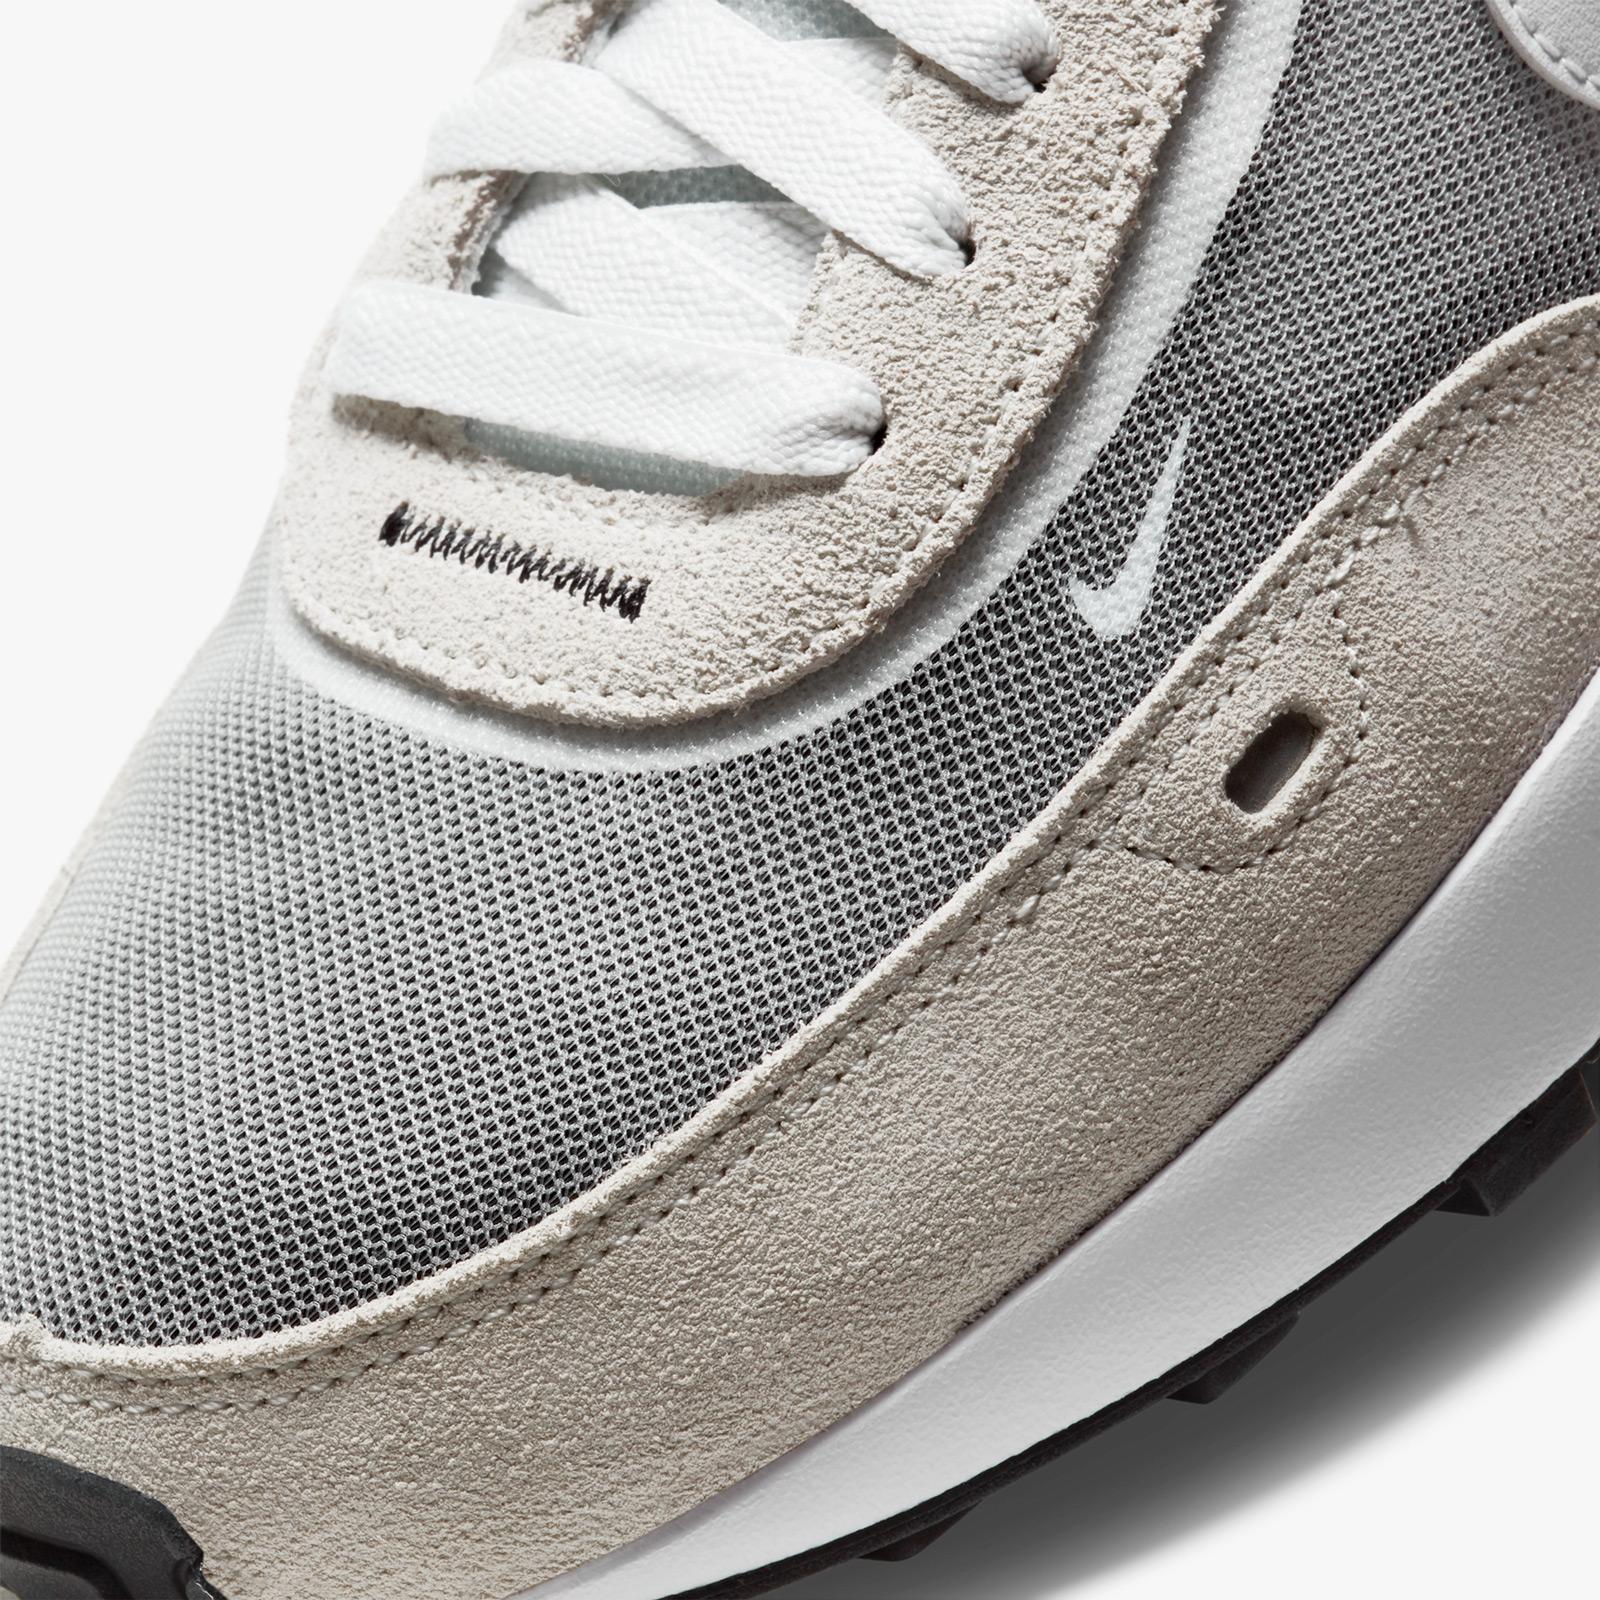 Nike Waffle One - Da7995-100 - SNS | sneakers & streetwear en ...